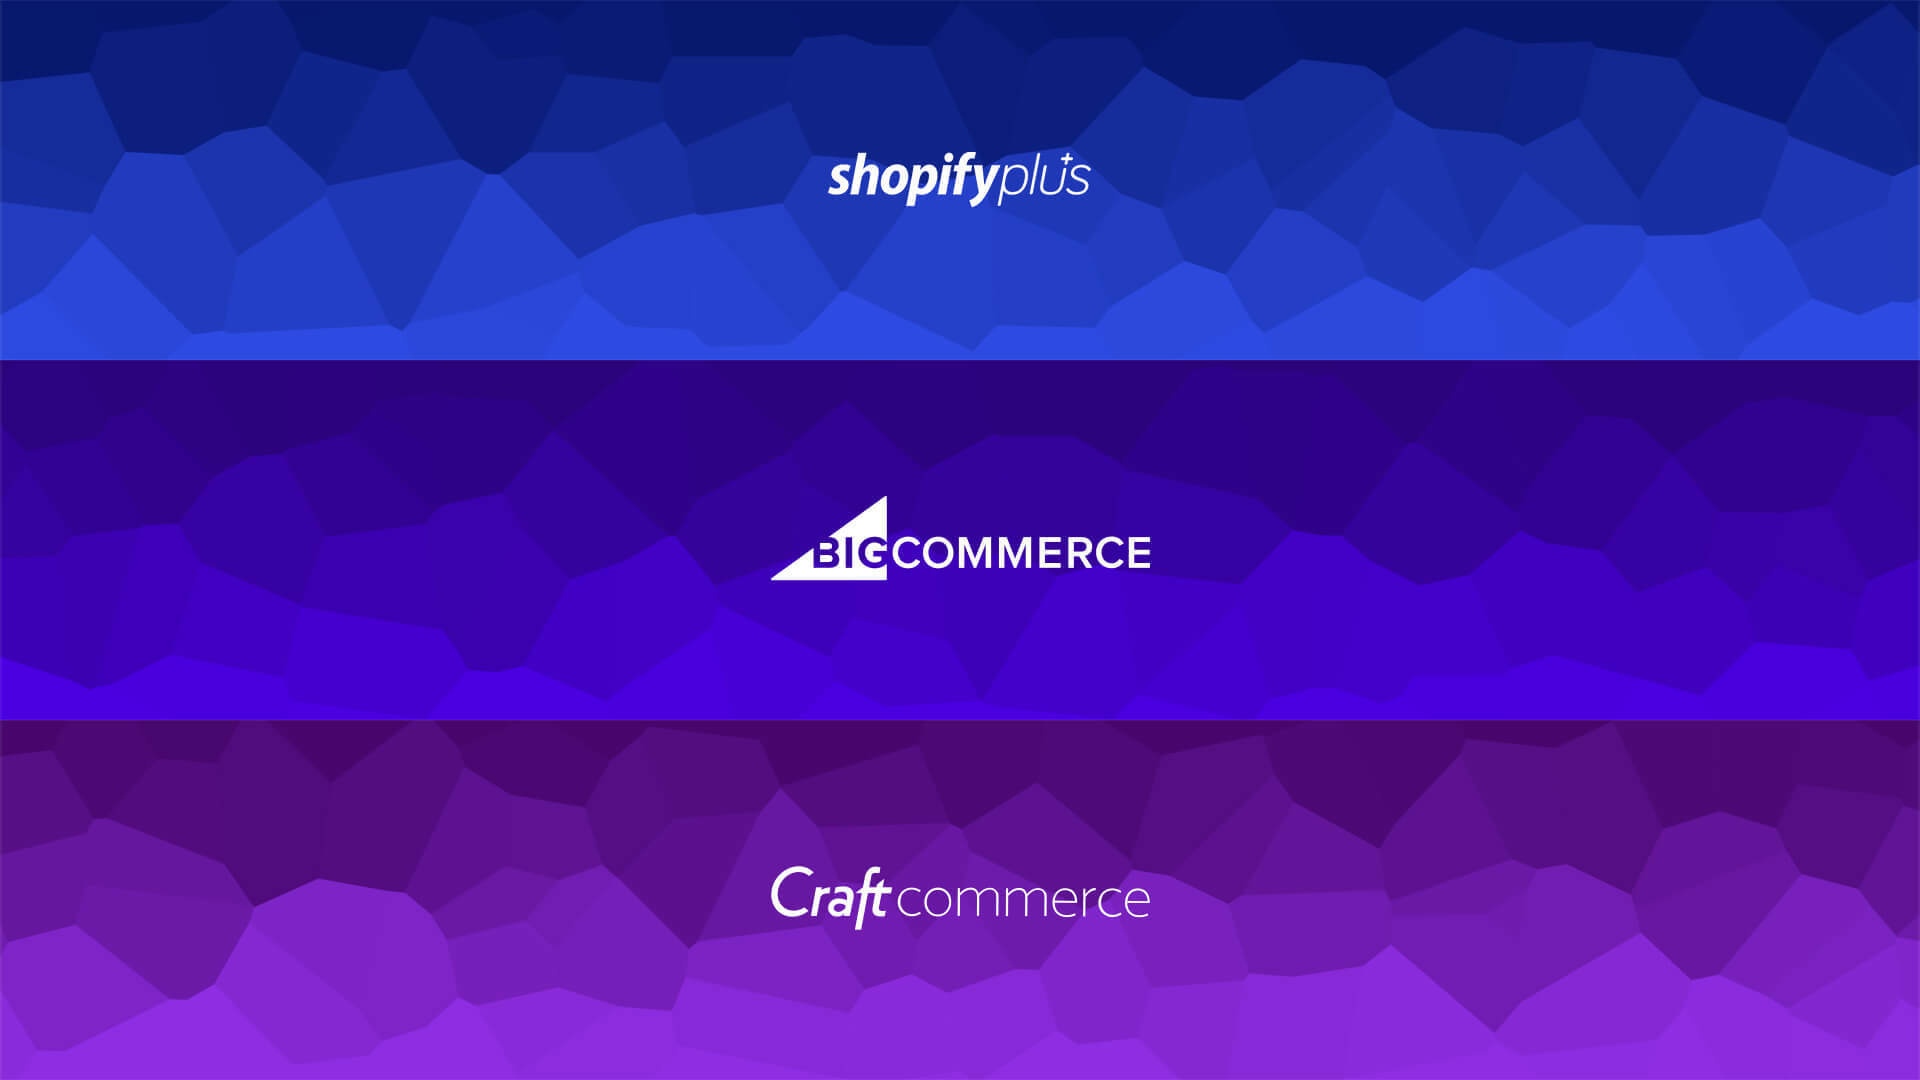 Shopify vs big commmerce vs craft commerce